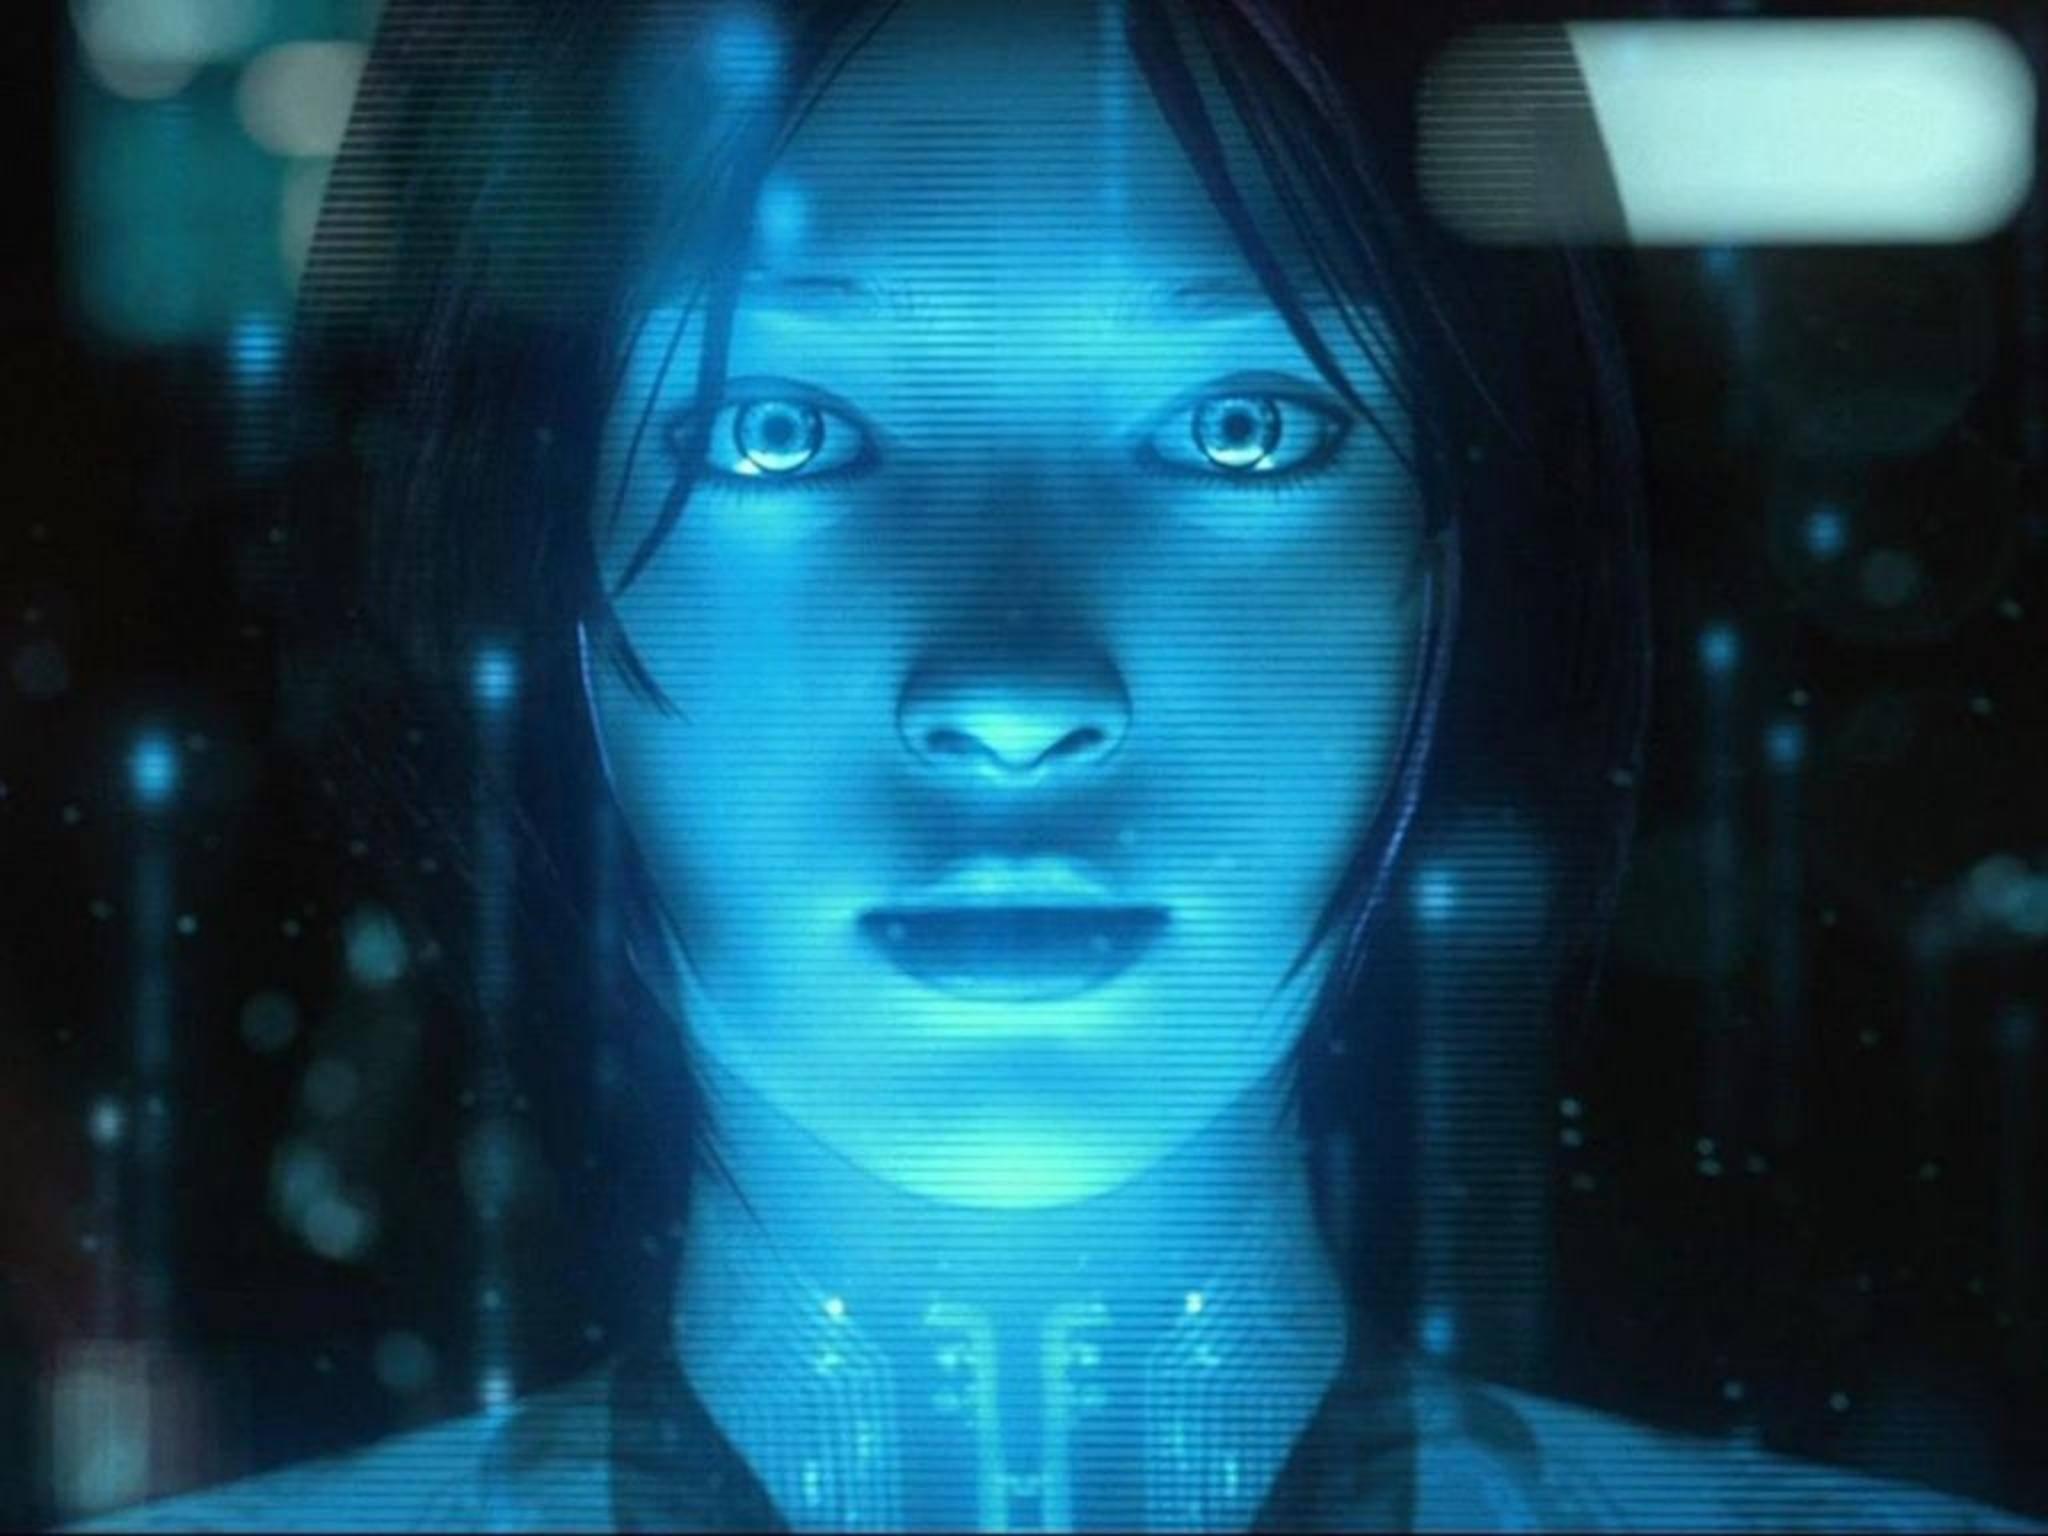 Die digitale Assistentin Cortana gibt in Windows 10 Tipps und Hilfestellung.